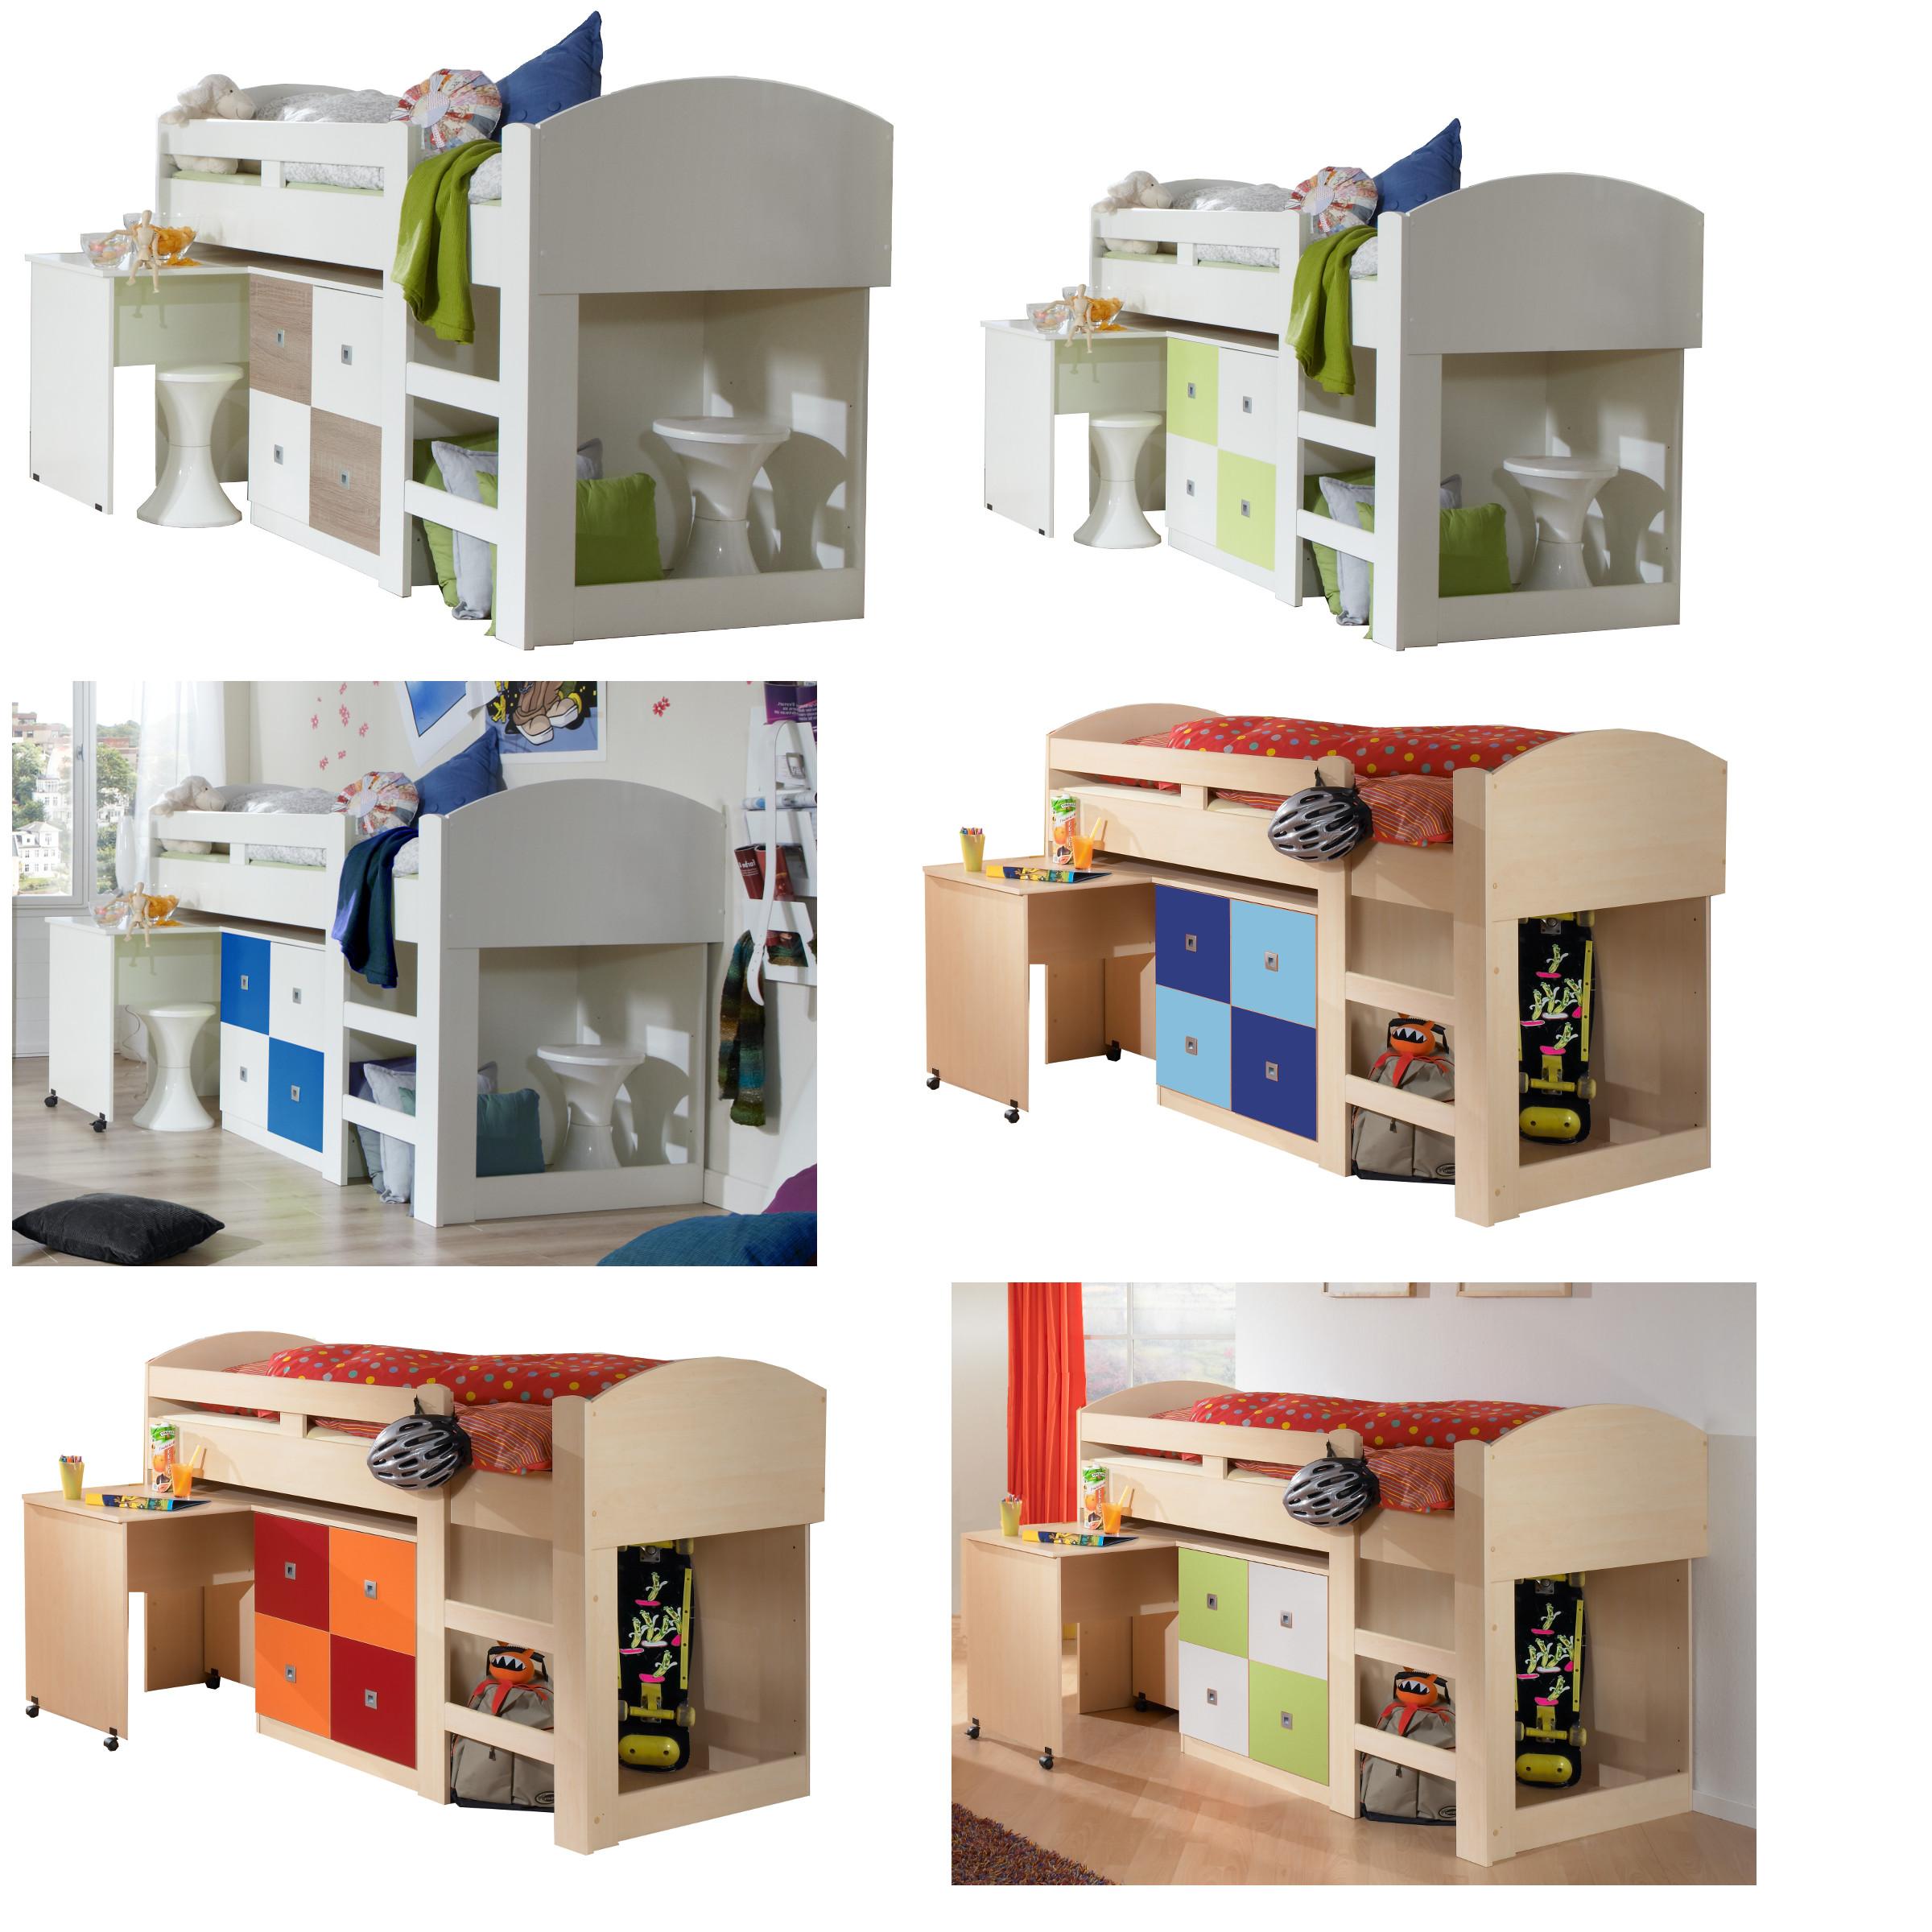 wimex halbhochbett schreibtisch kommode leiter hochbett 6. Black Bedroom Furniture Sets. Home Design Ideas